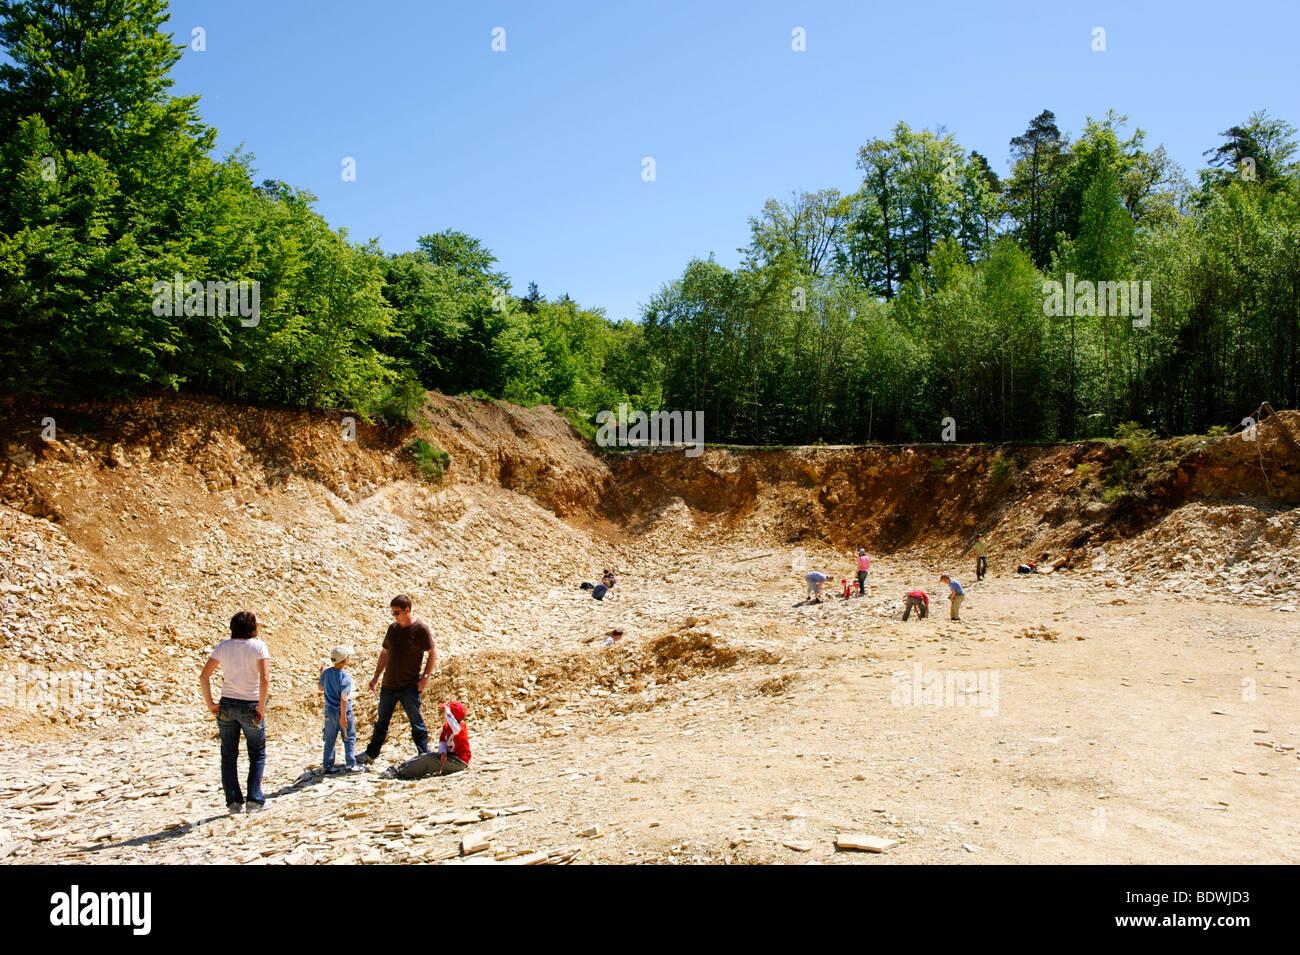 Fossil Suche Gebiet, Kalksteinbruch für Hobby Fossilien Sammler in der Nähe von Solnhofen im Naturpark Stockbild